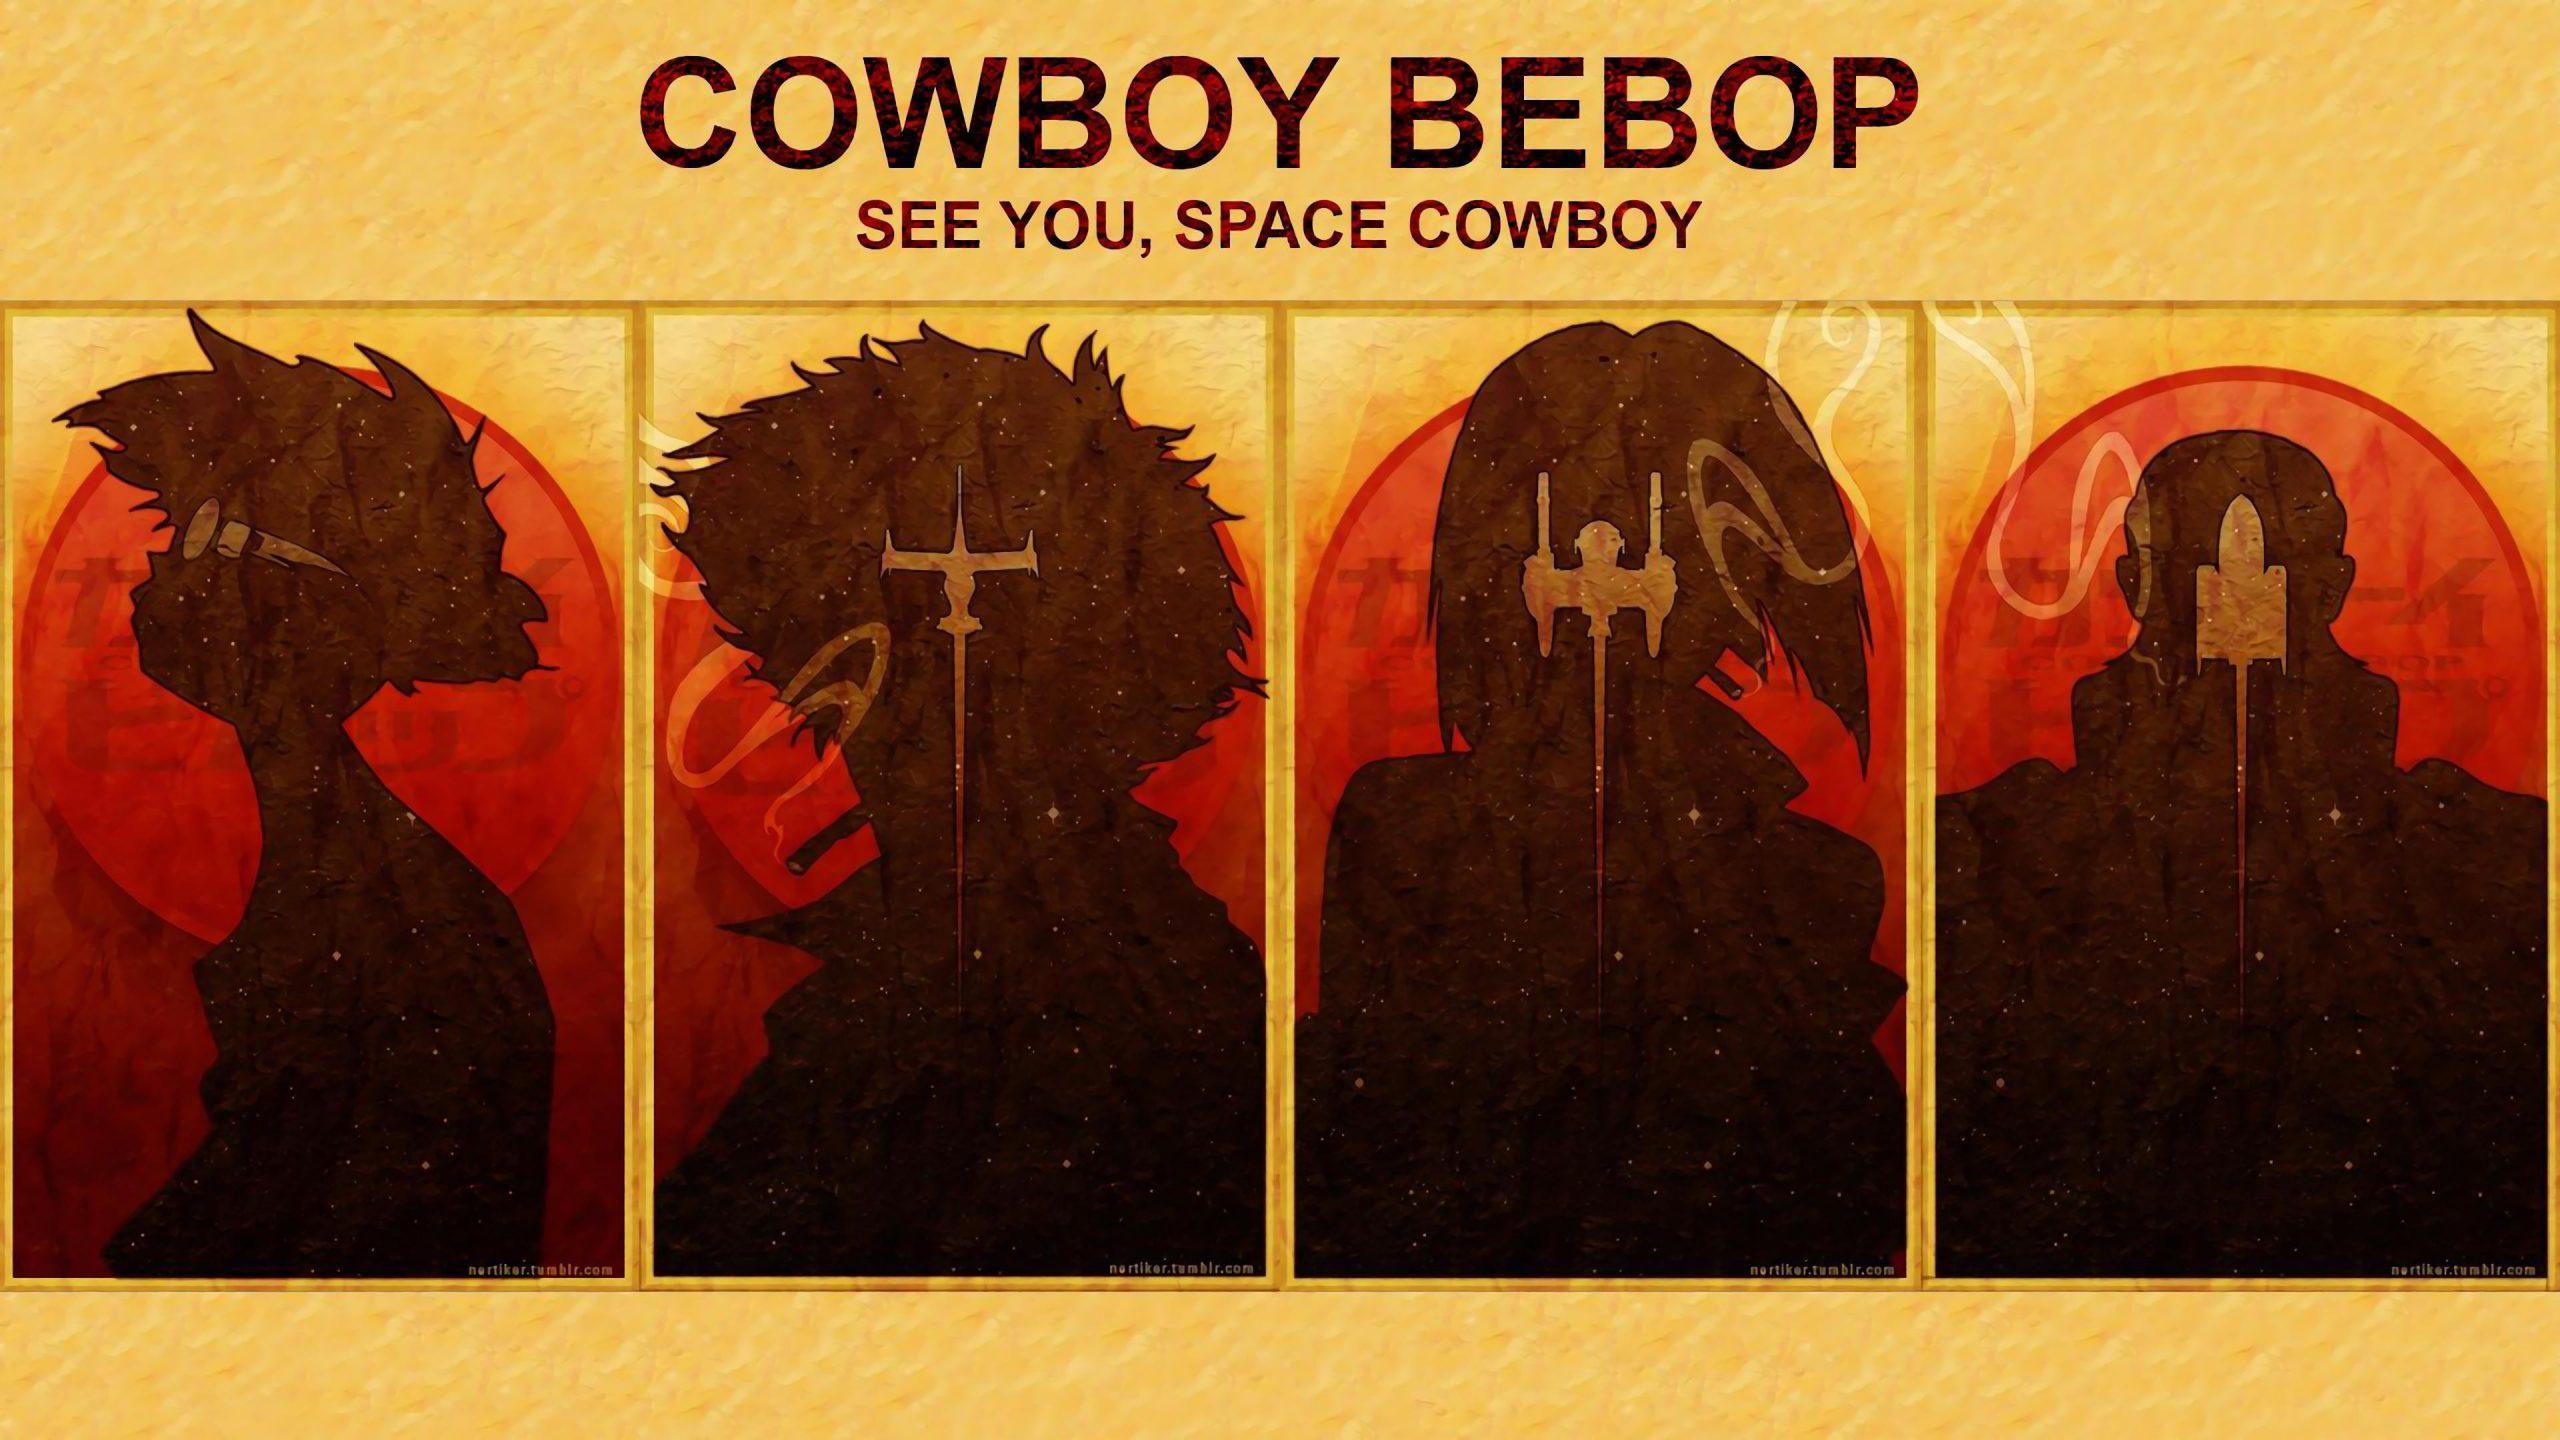 cowboy-bebop-live-action-Netflix-release-date-cast-spoilers